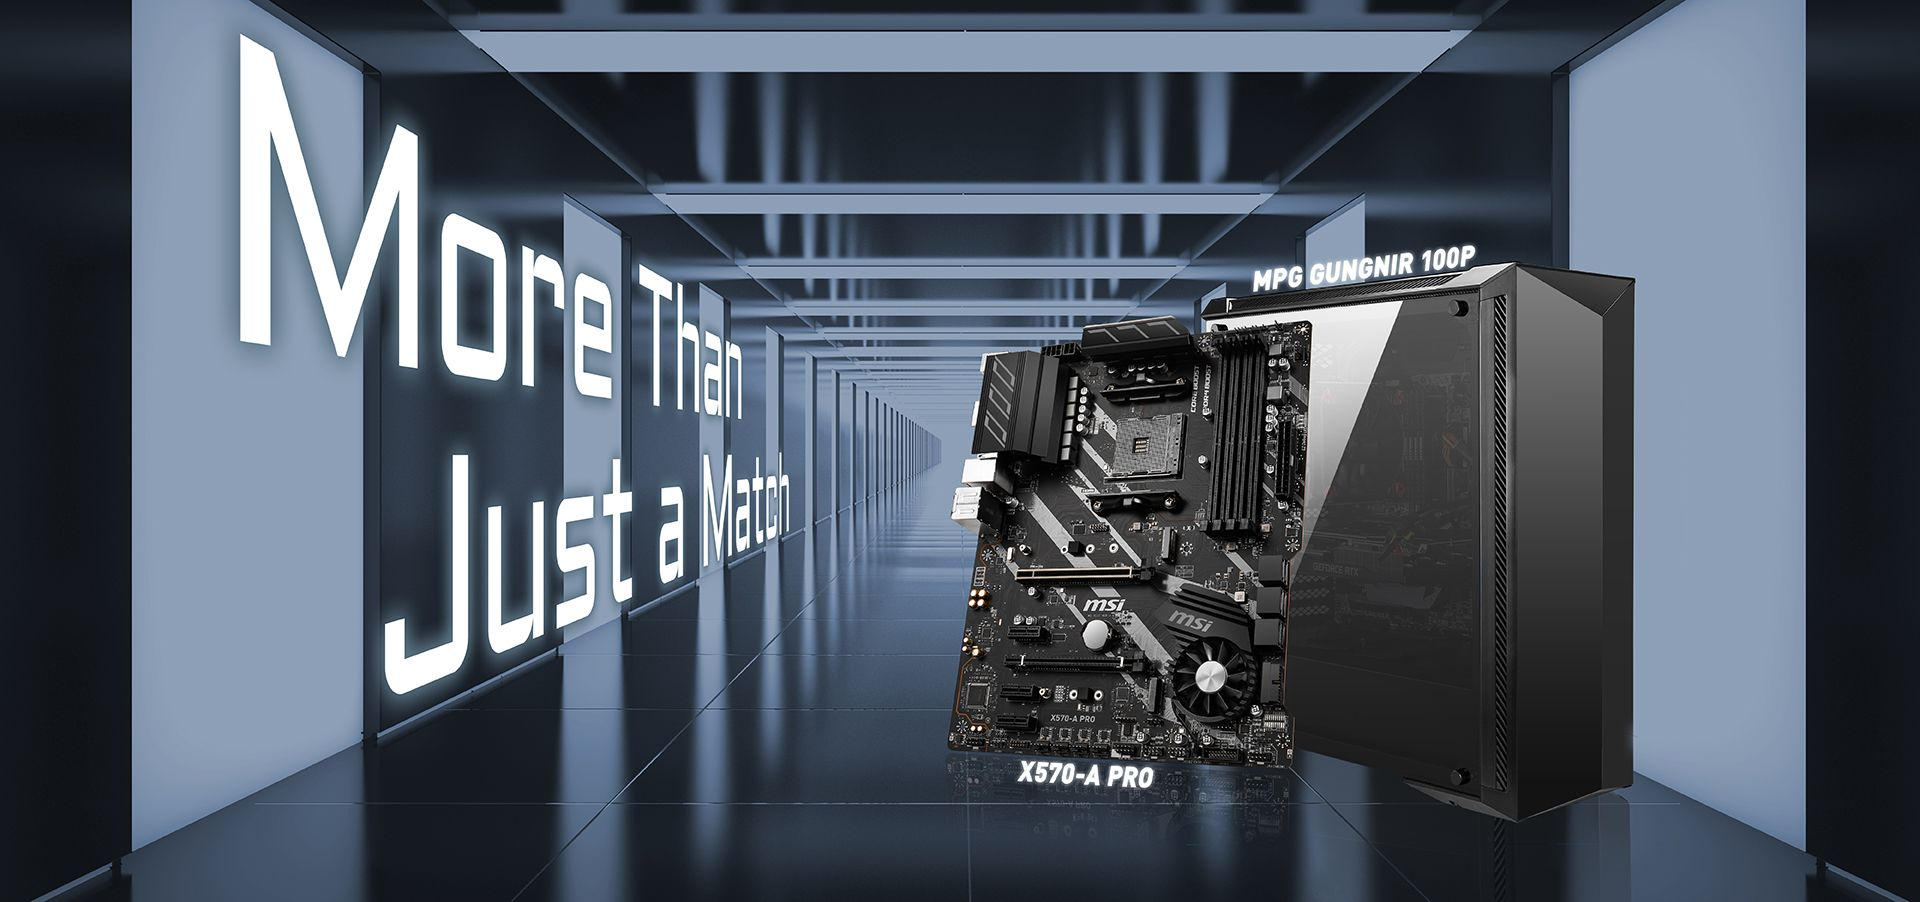 MSI X570-A PRO & MPG GUNGNIR 100P BG